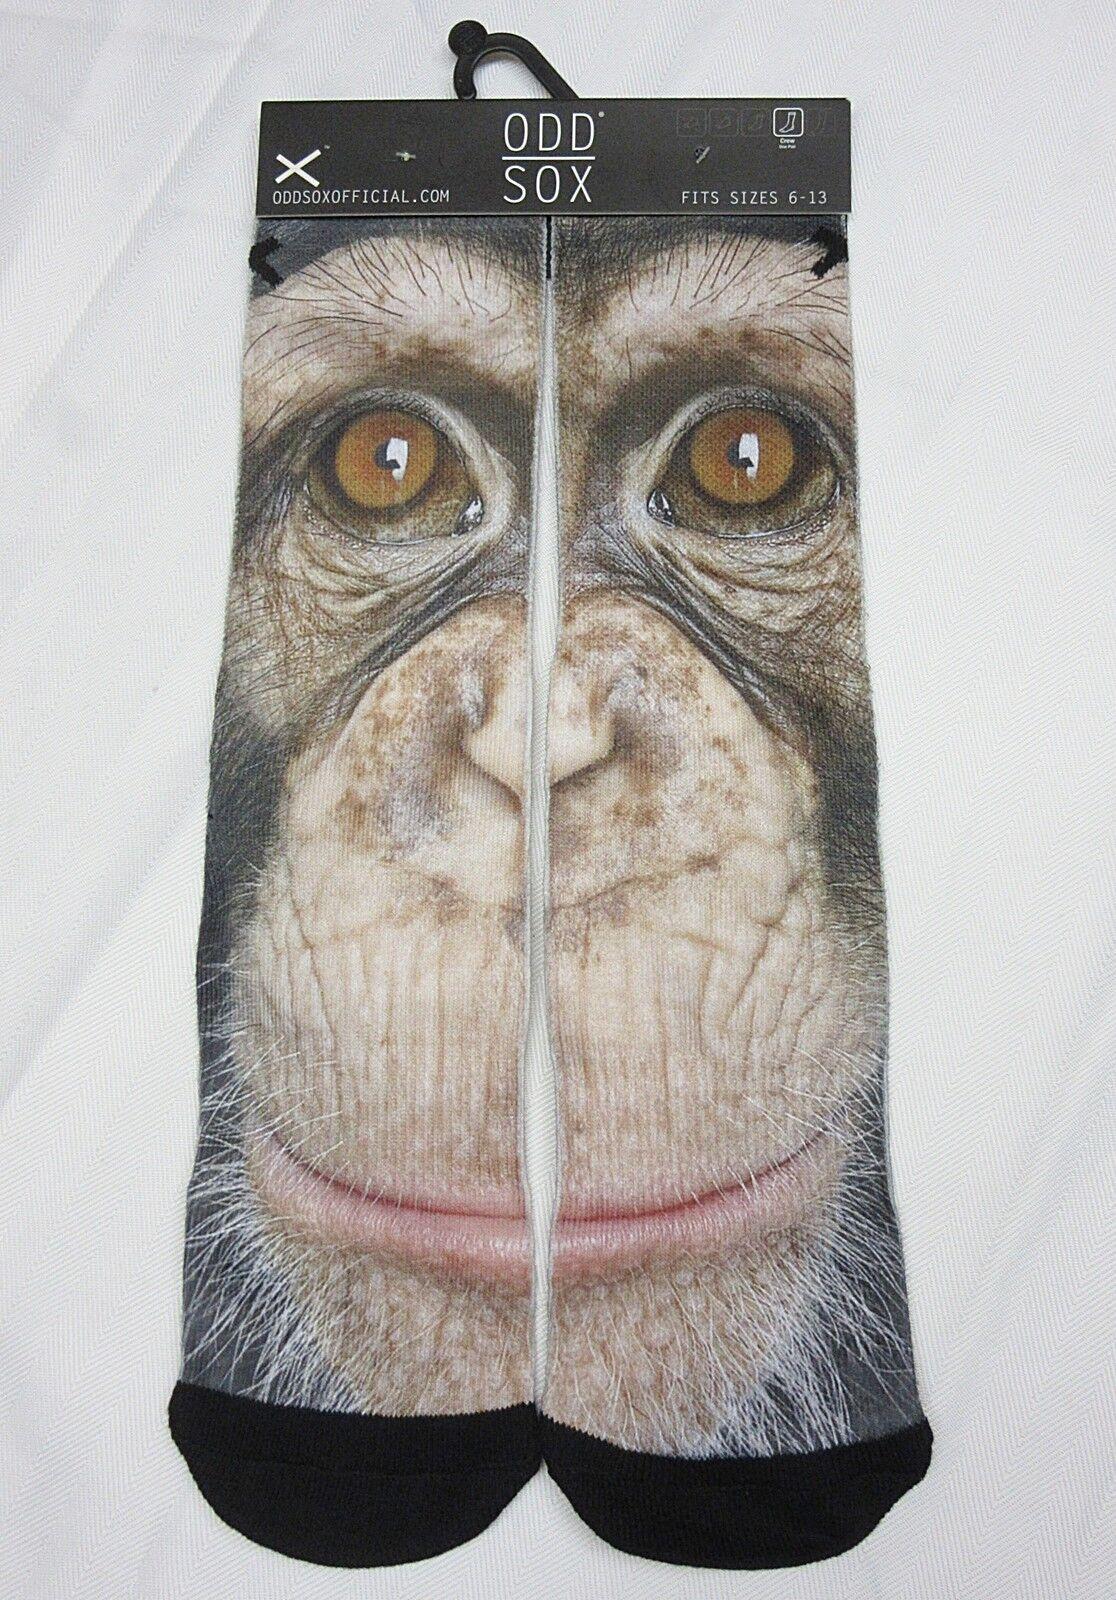 fbc9b151e738e Odd Sox Harambe Gorilla Chimpanzee Fits Sizes 6-13 Crew Socks With Tag